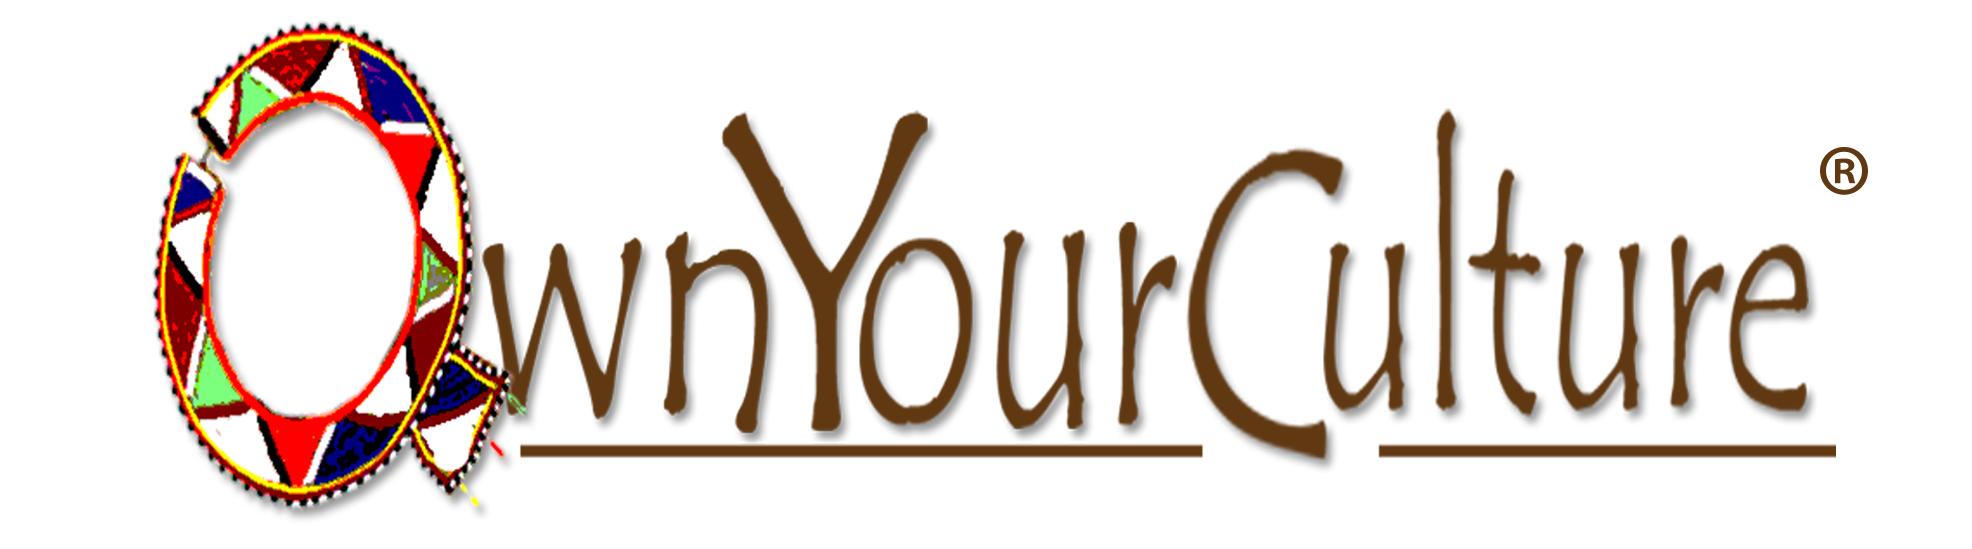 Own yo culture logo